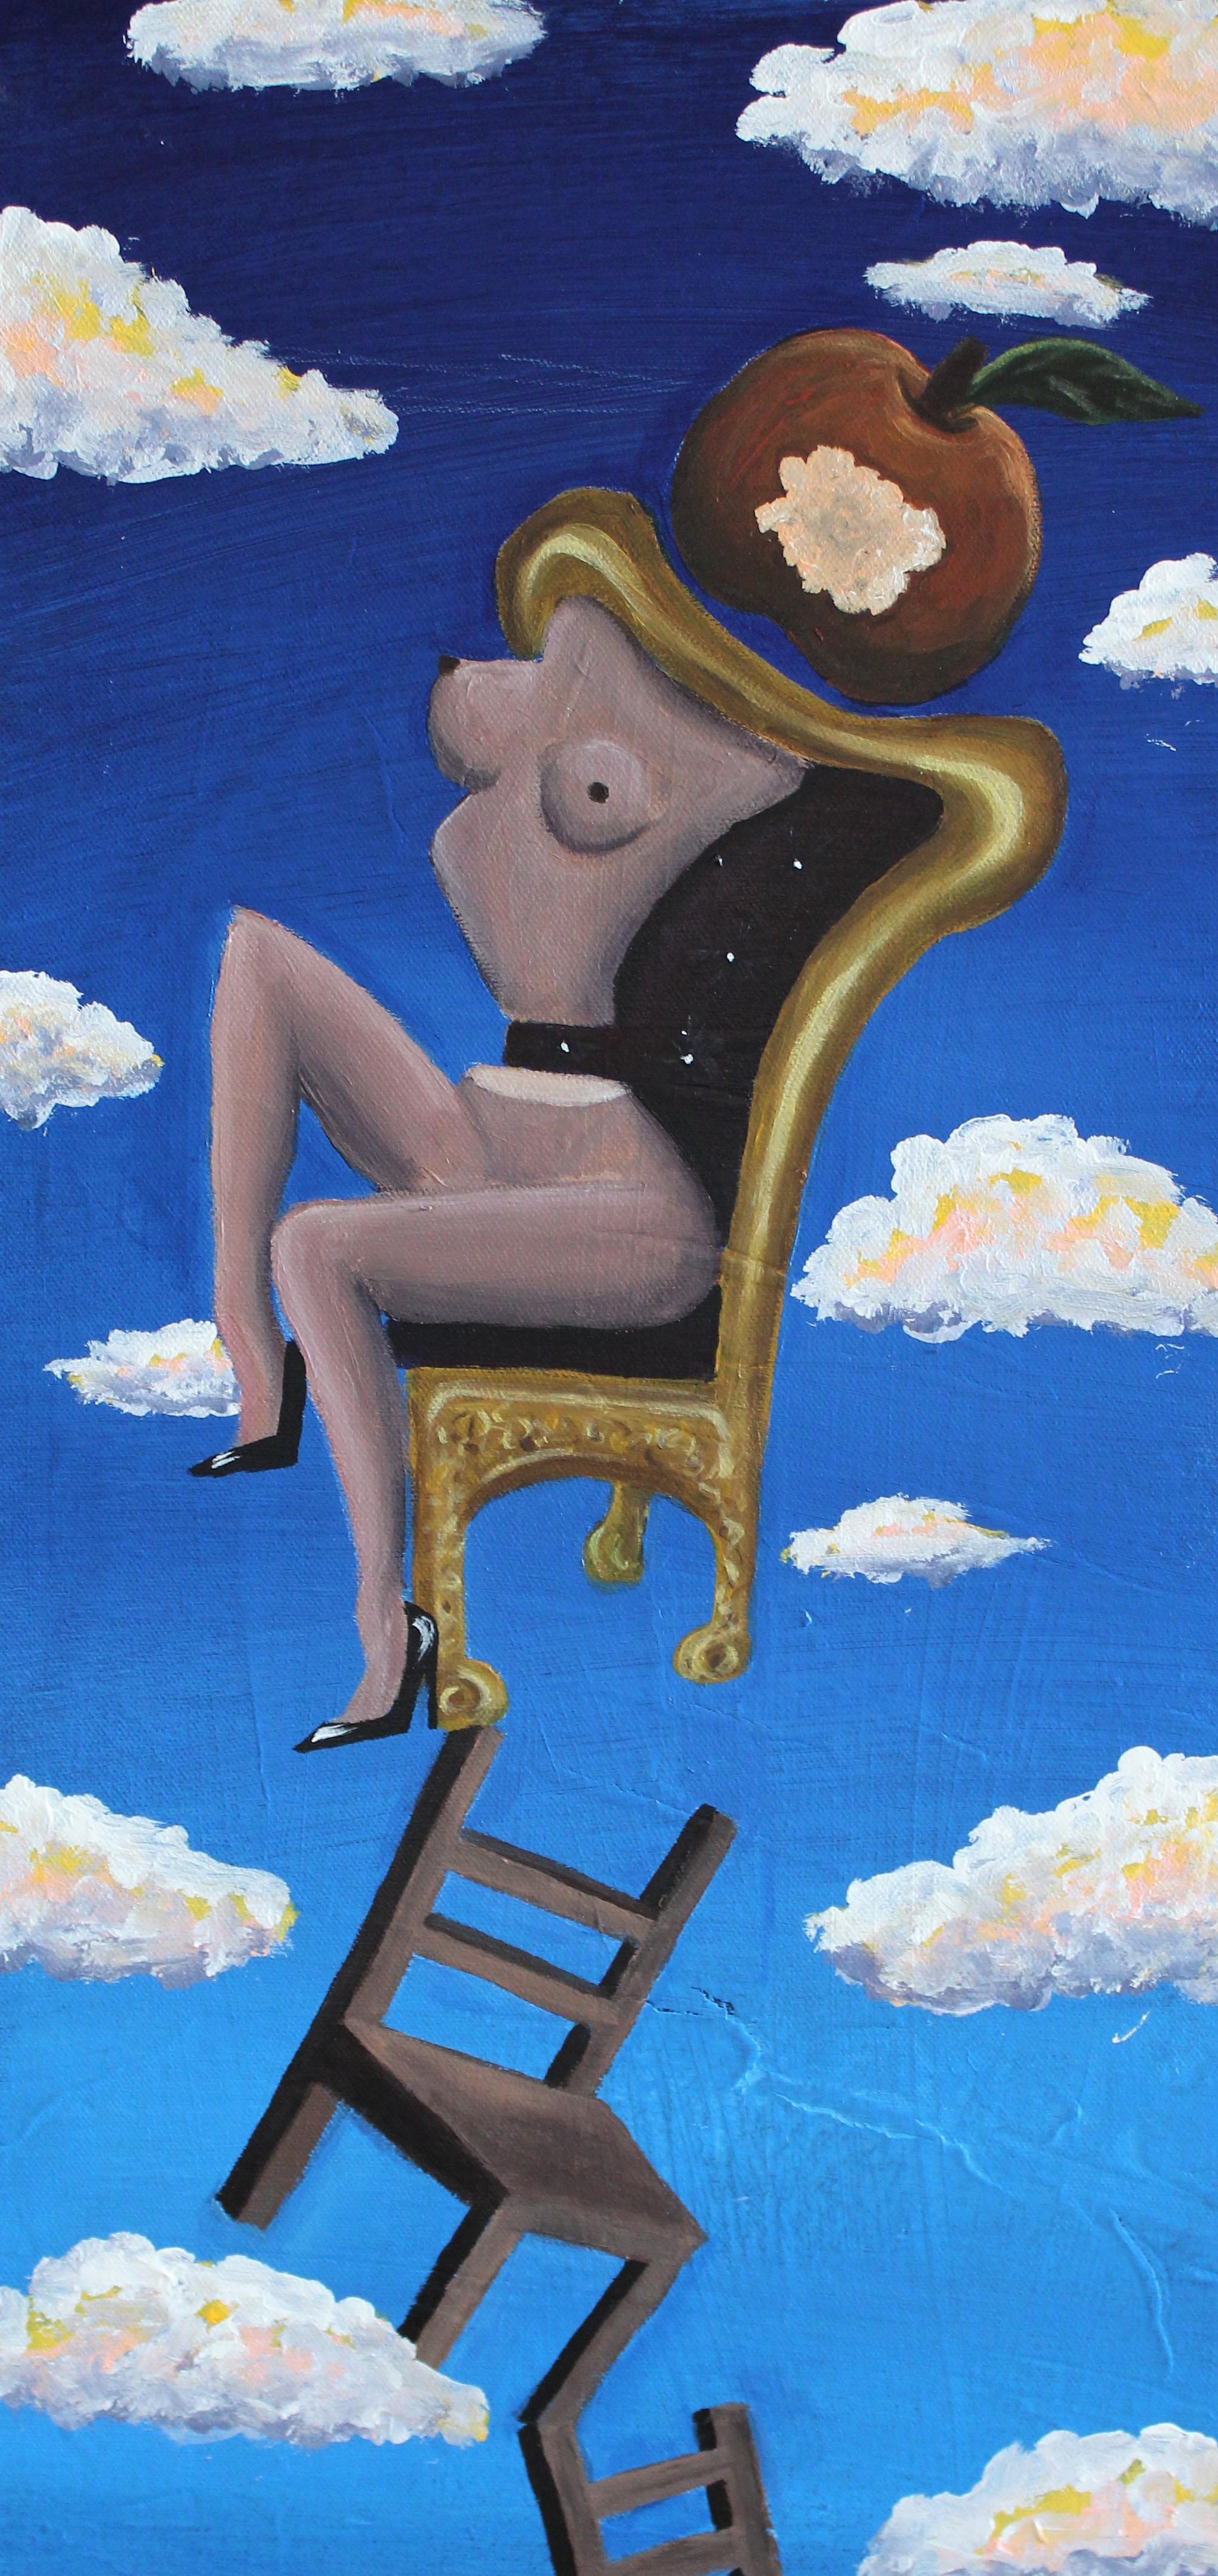 Abi Salami -Sitting Precariously I - Acrylic on canvas - 24H 12W 1.5D- 2018 - $750.jpg.jpg